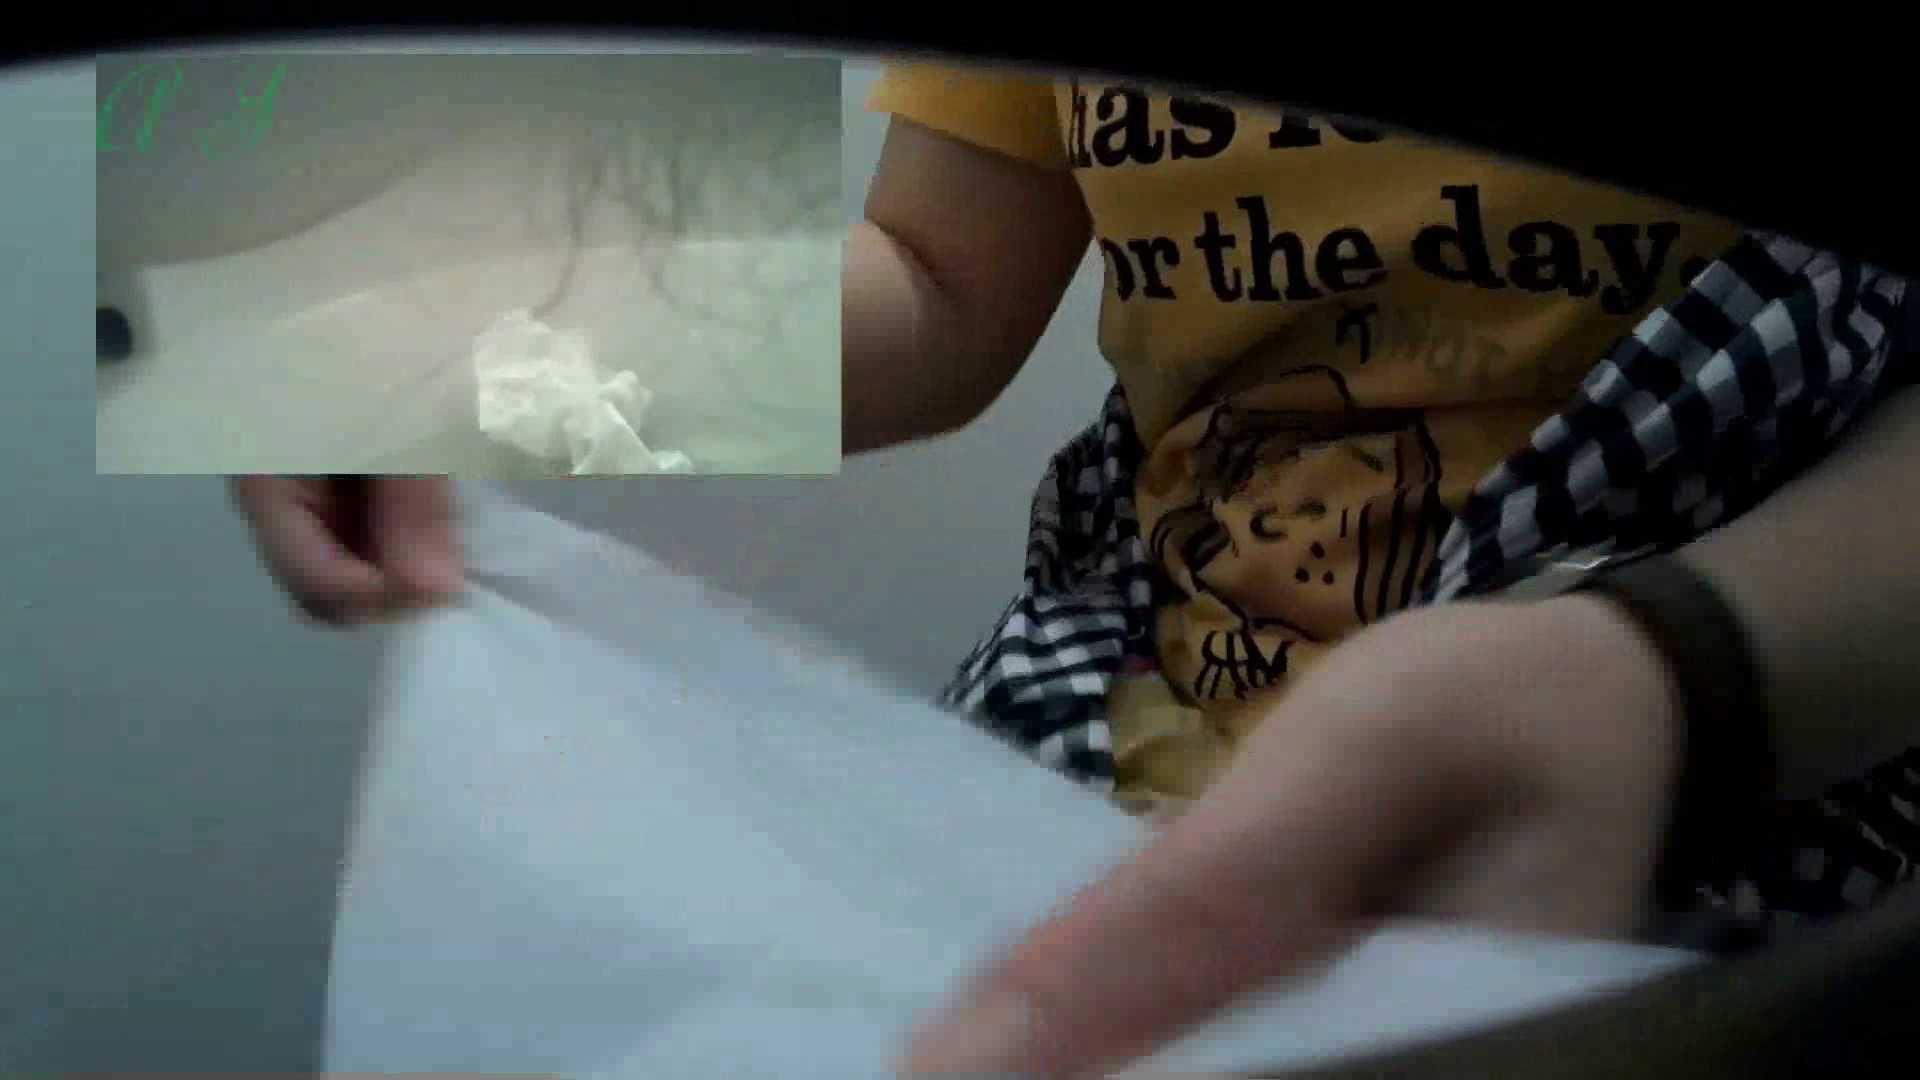 有名大学女性洗面所 vol.67トイレの女神さま♪ 和式 盗撮おめこ無修正動画無料 108PICs 77